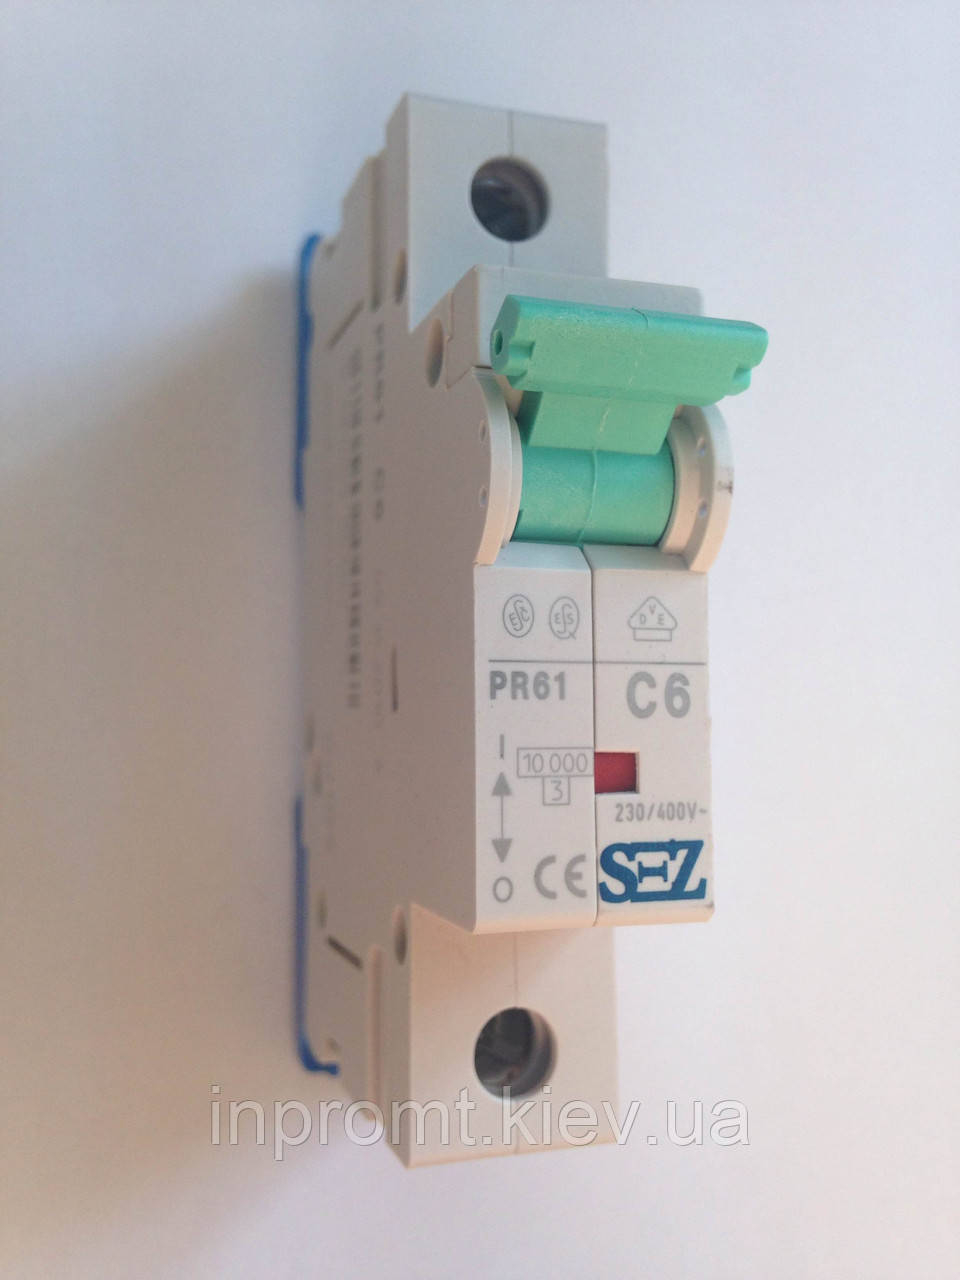 Автоматический выключатель PR61С 6